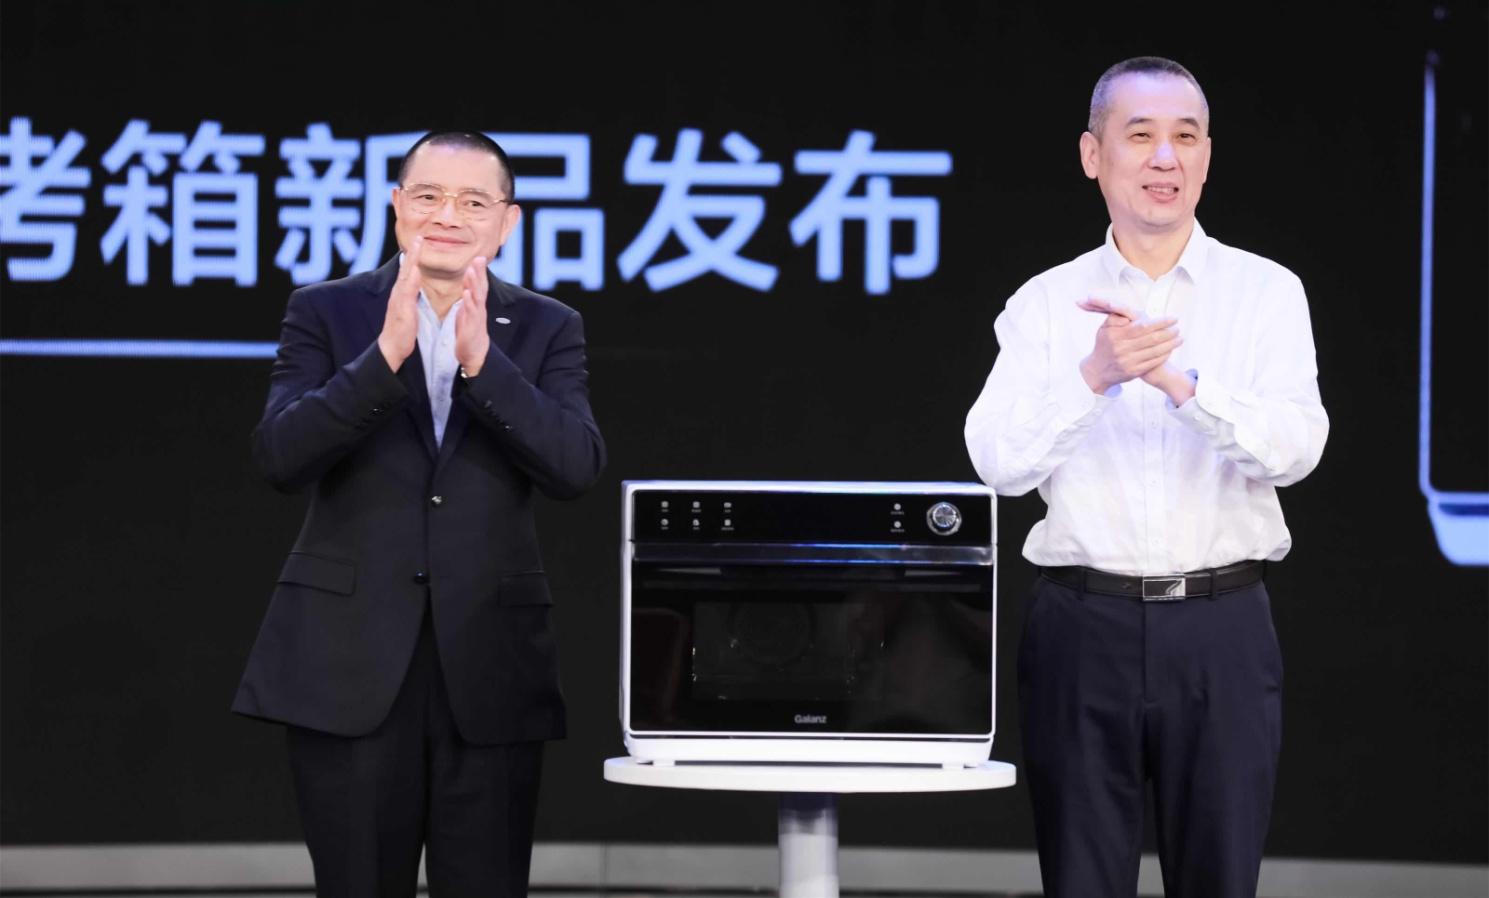 """消费升级新风口来了!""""微波炉第一品牌""""打开一个新的健康电器市场"""